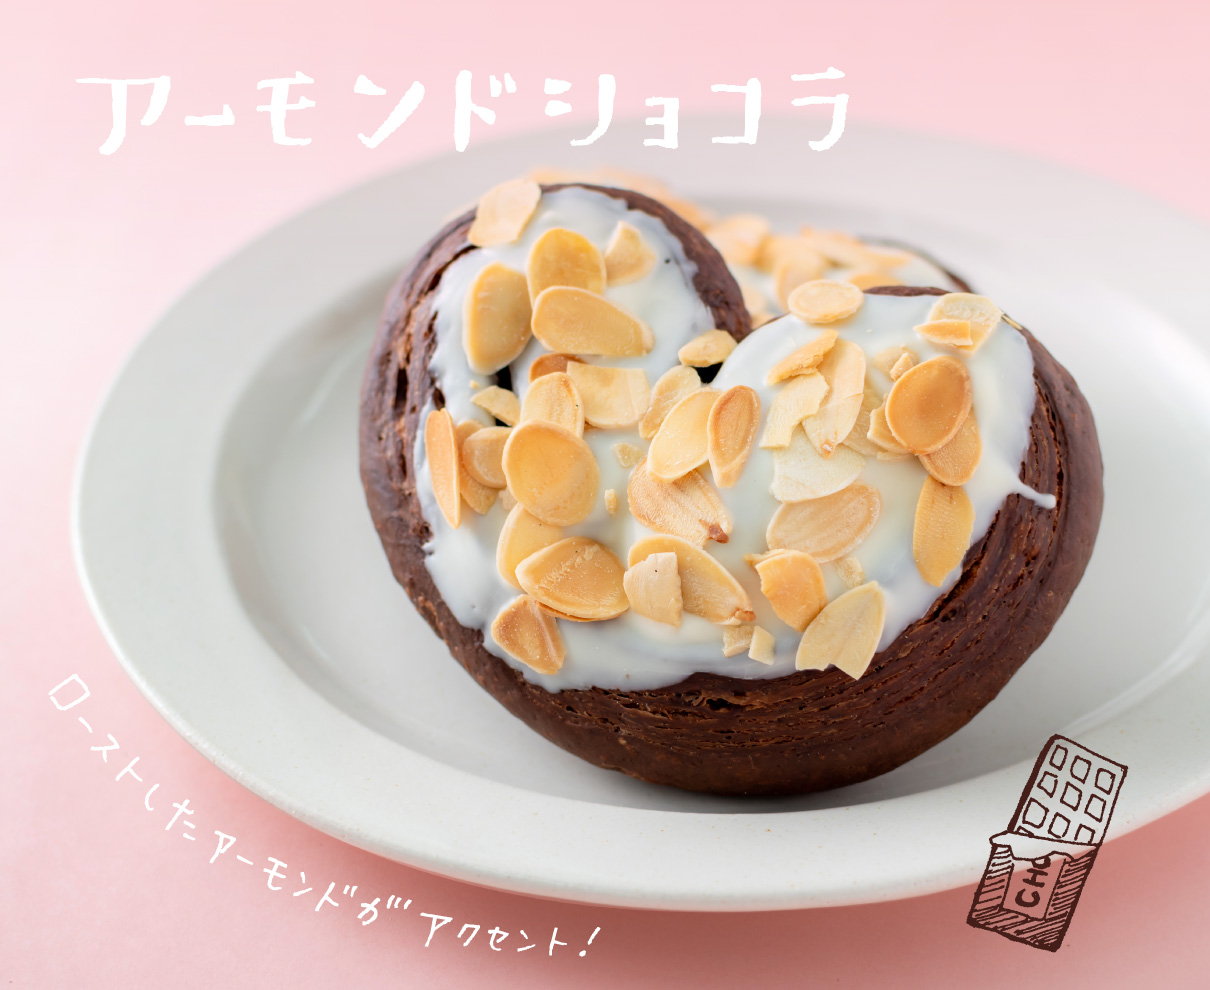 週末限定の「アーモンドショコラ」が、バレンタイン仕様でキュートなハート型に!|Pain Maison Depa